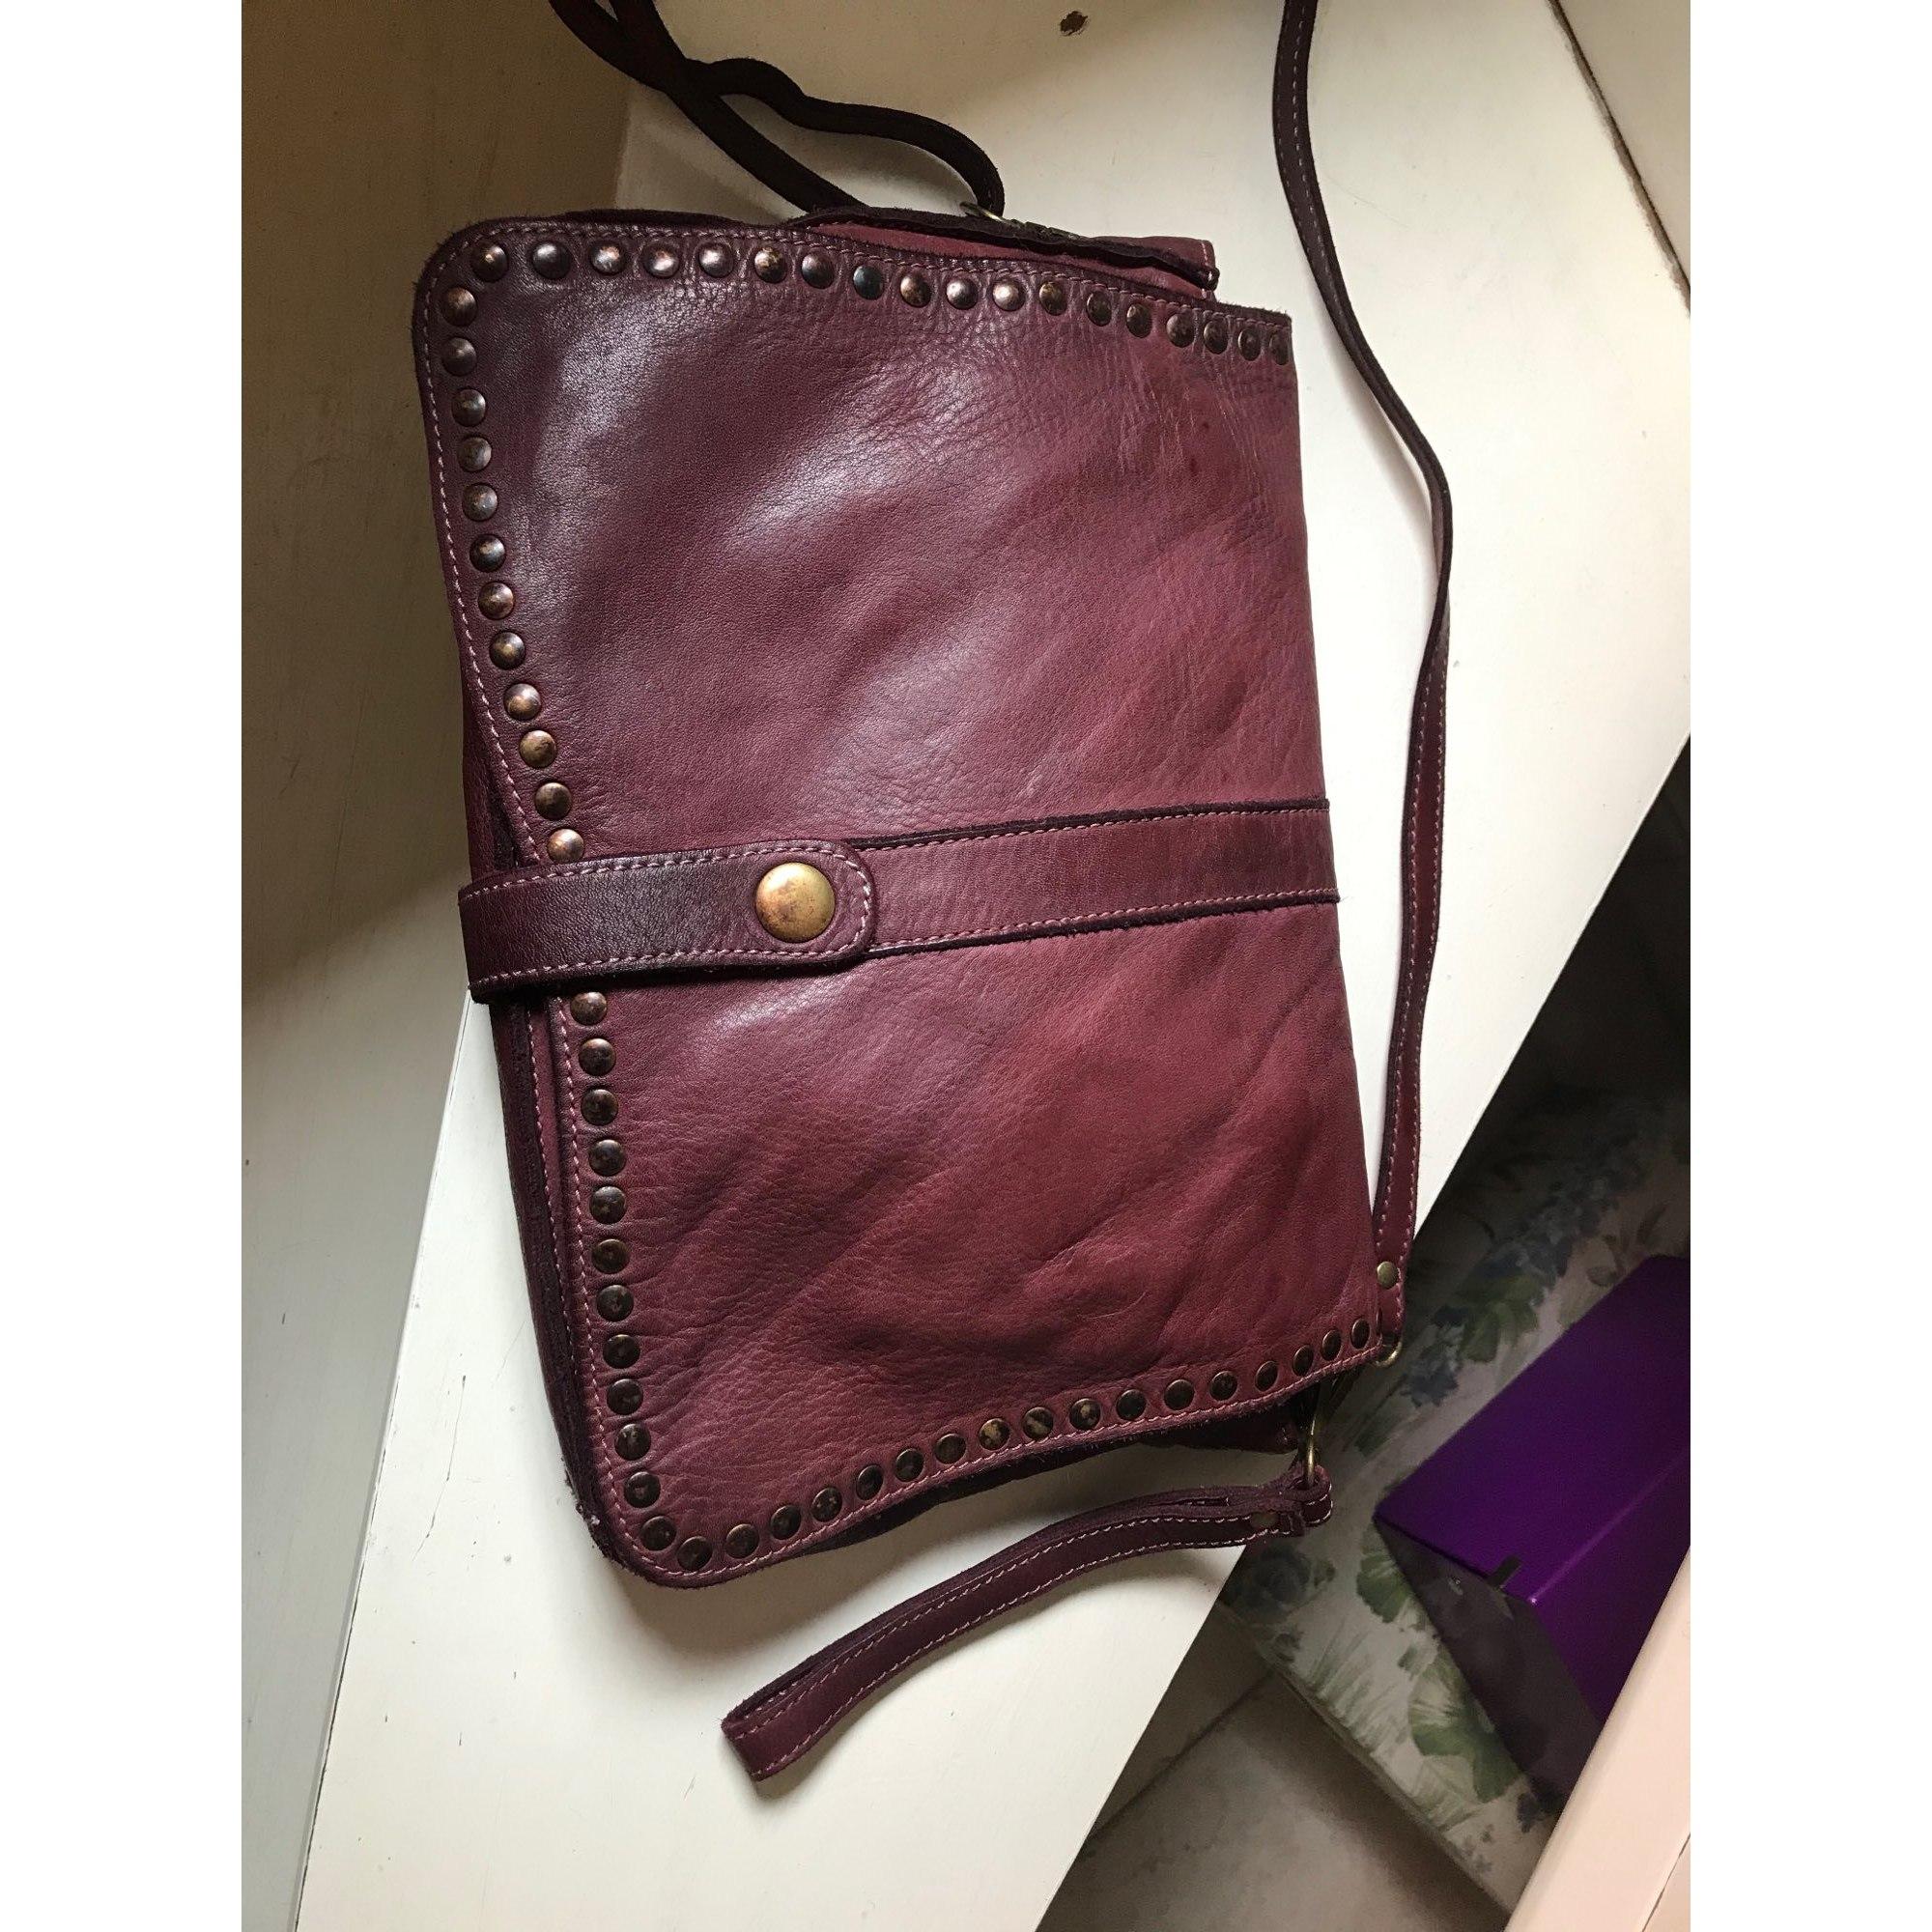 Handtasche Leder MADE IN ITALIE Rot, bordeauxrot